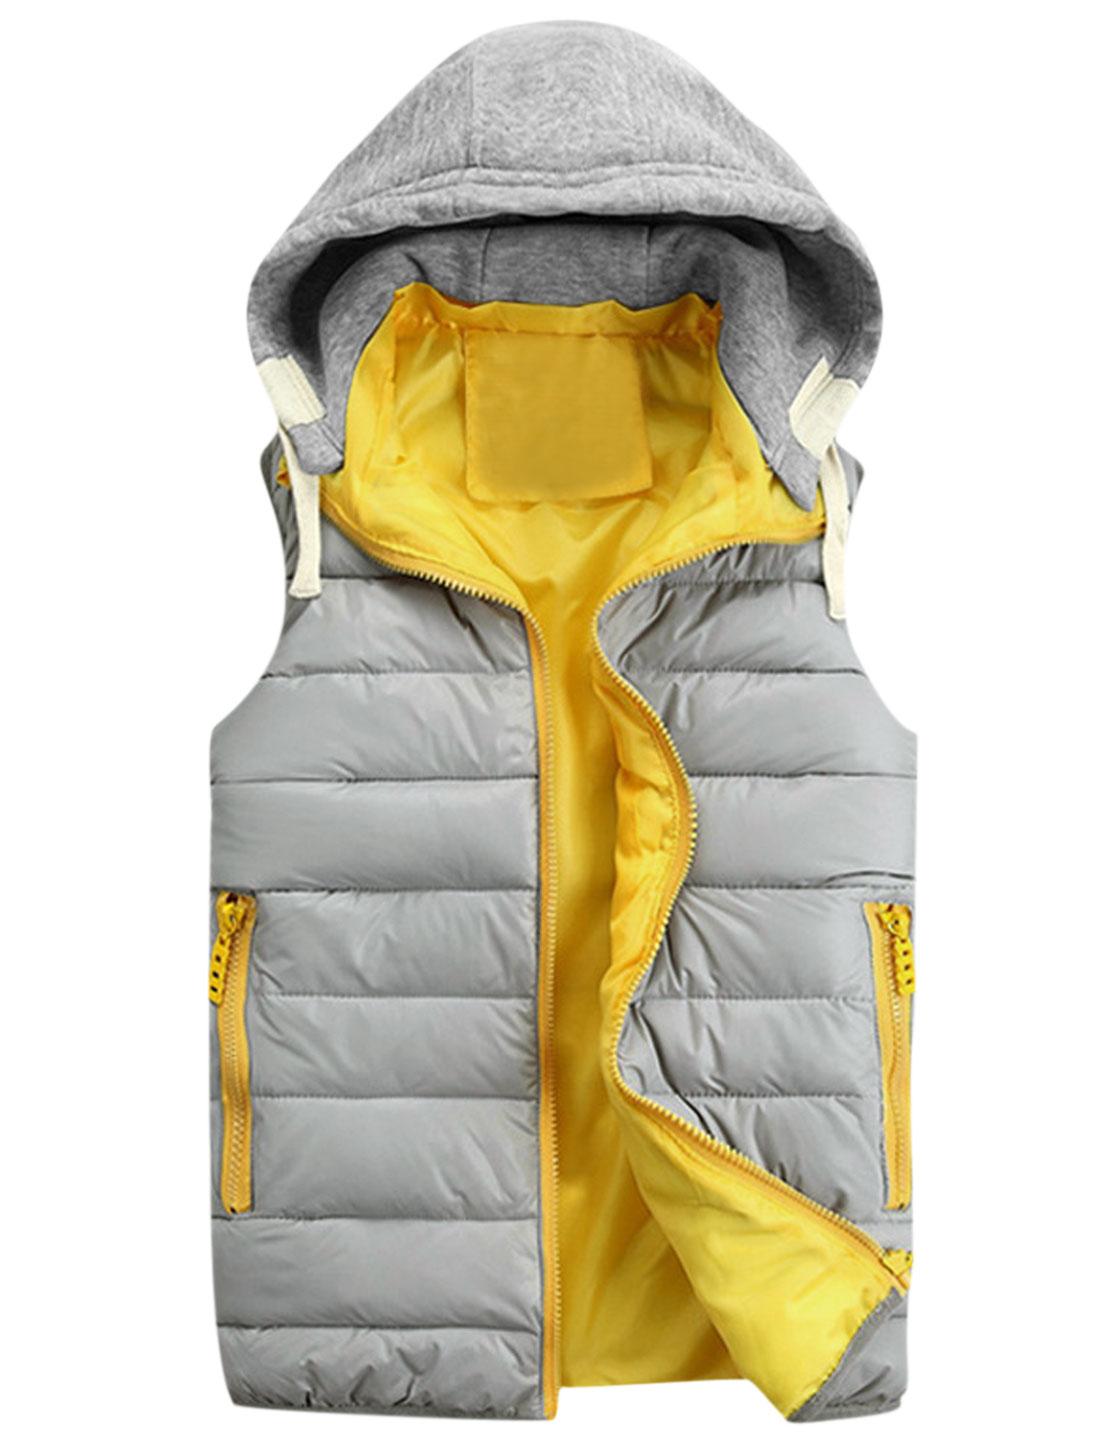 Men Layered Design Sleeveless Leisure Hooded Padded Vest Light Gray M